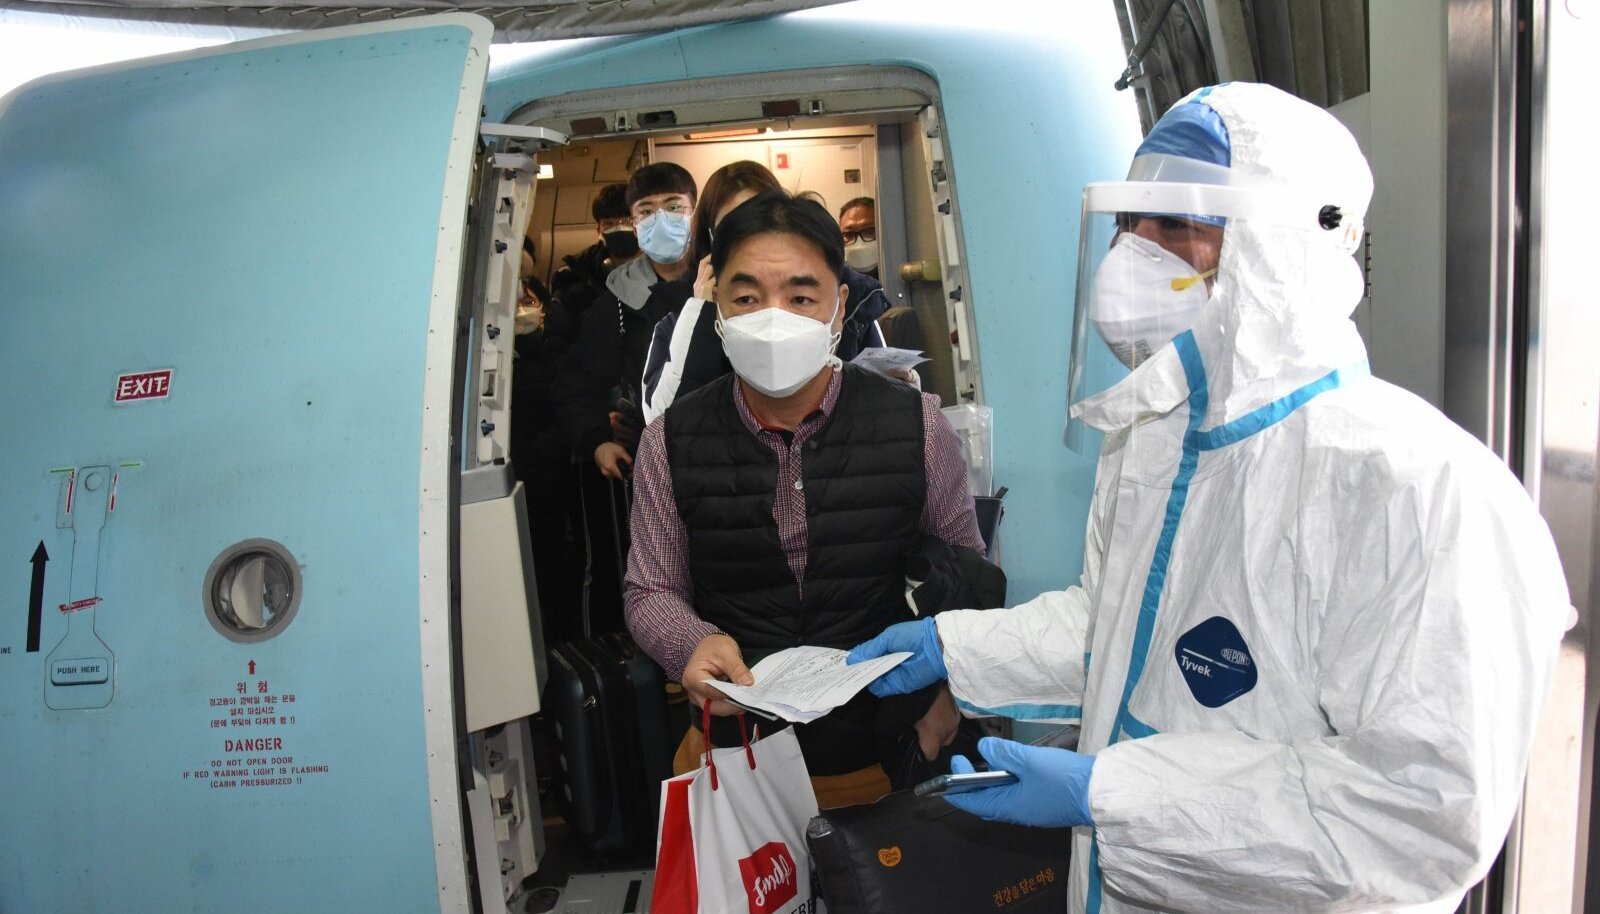 TÄIELIK KONTROLL: Reisijad väljuvad meditsiinitöötaja valvsa pilgu all Qingdao lennujaamas lennukist.